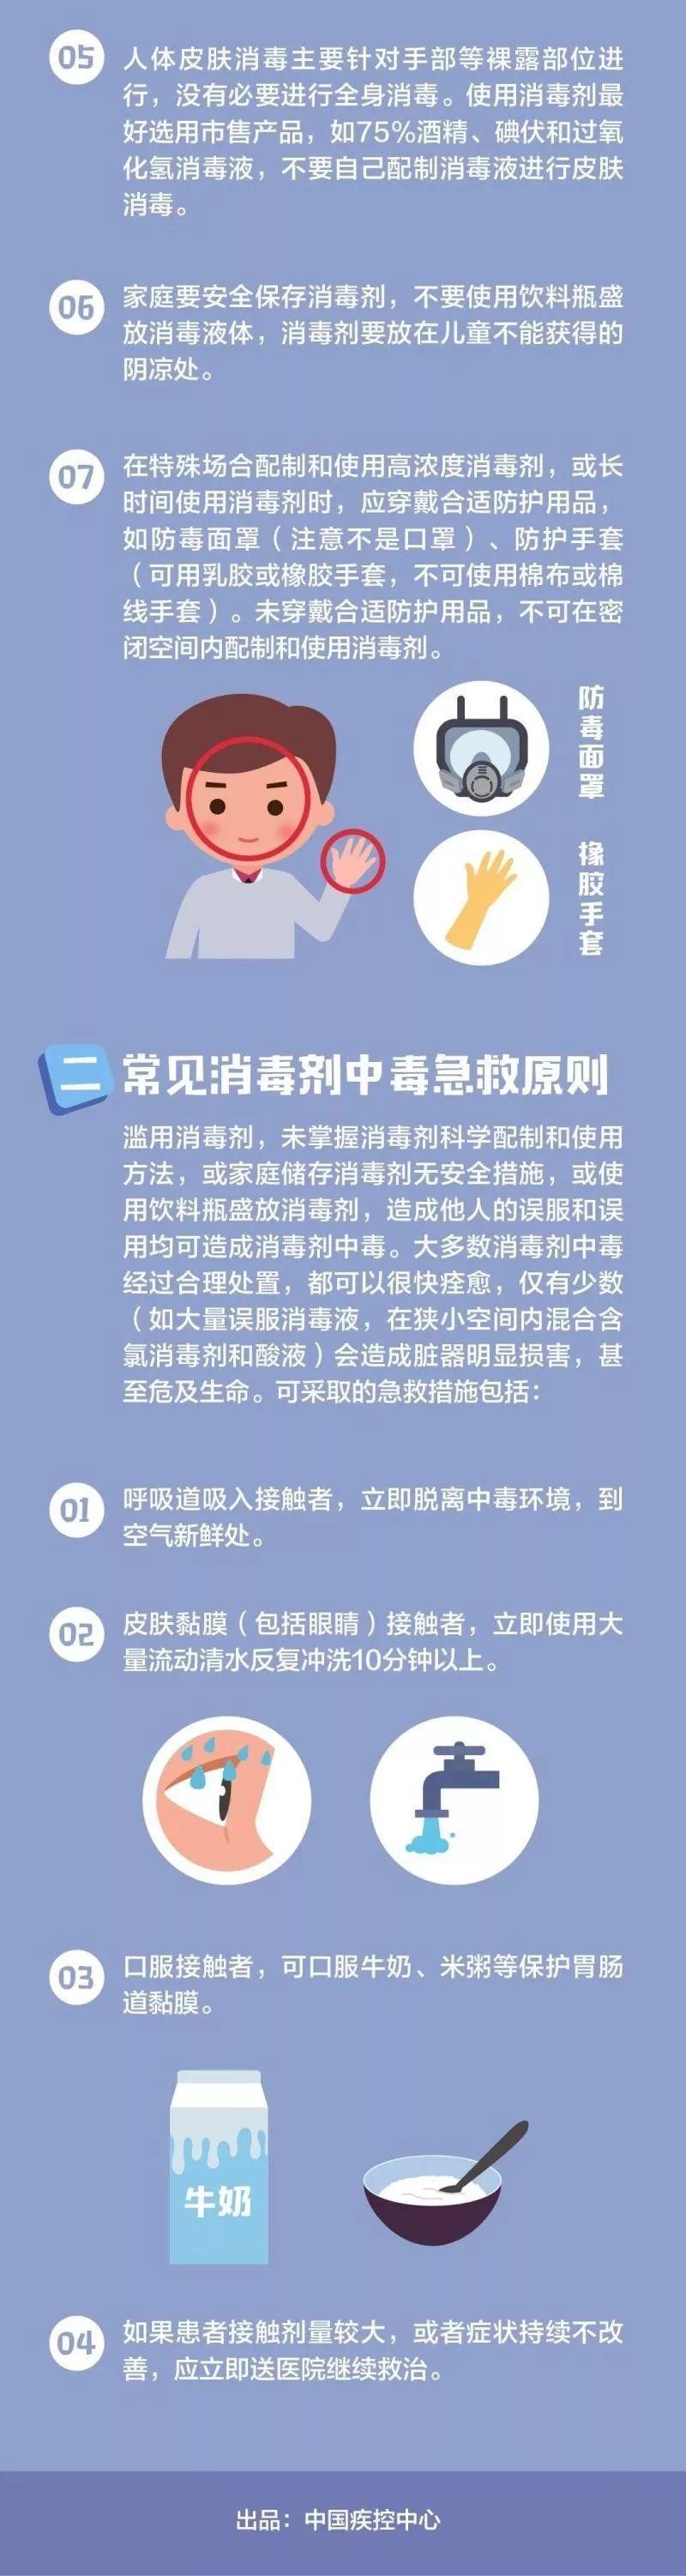 重庆出现野生动物异常死亡,过度消毒会给环境带来哪些危害?